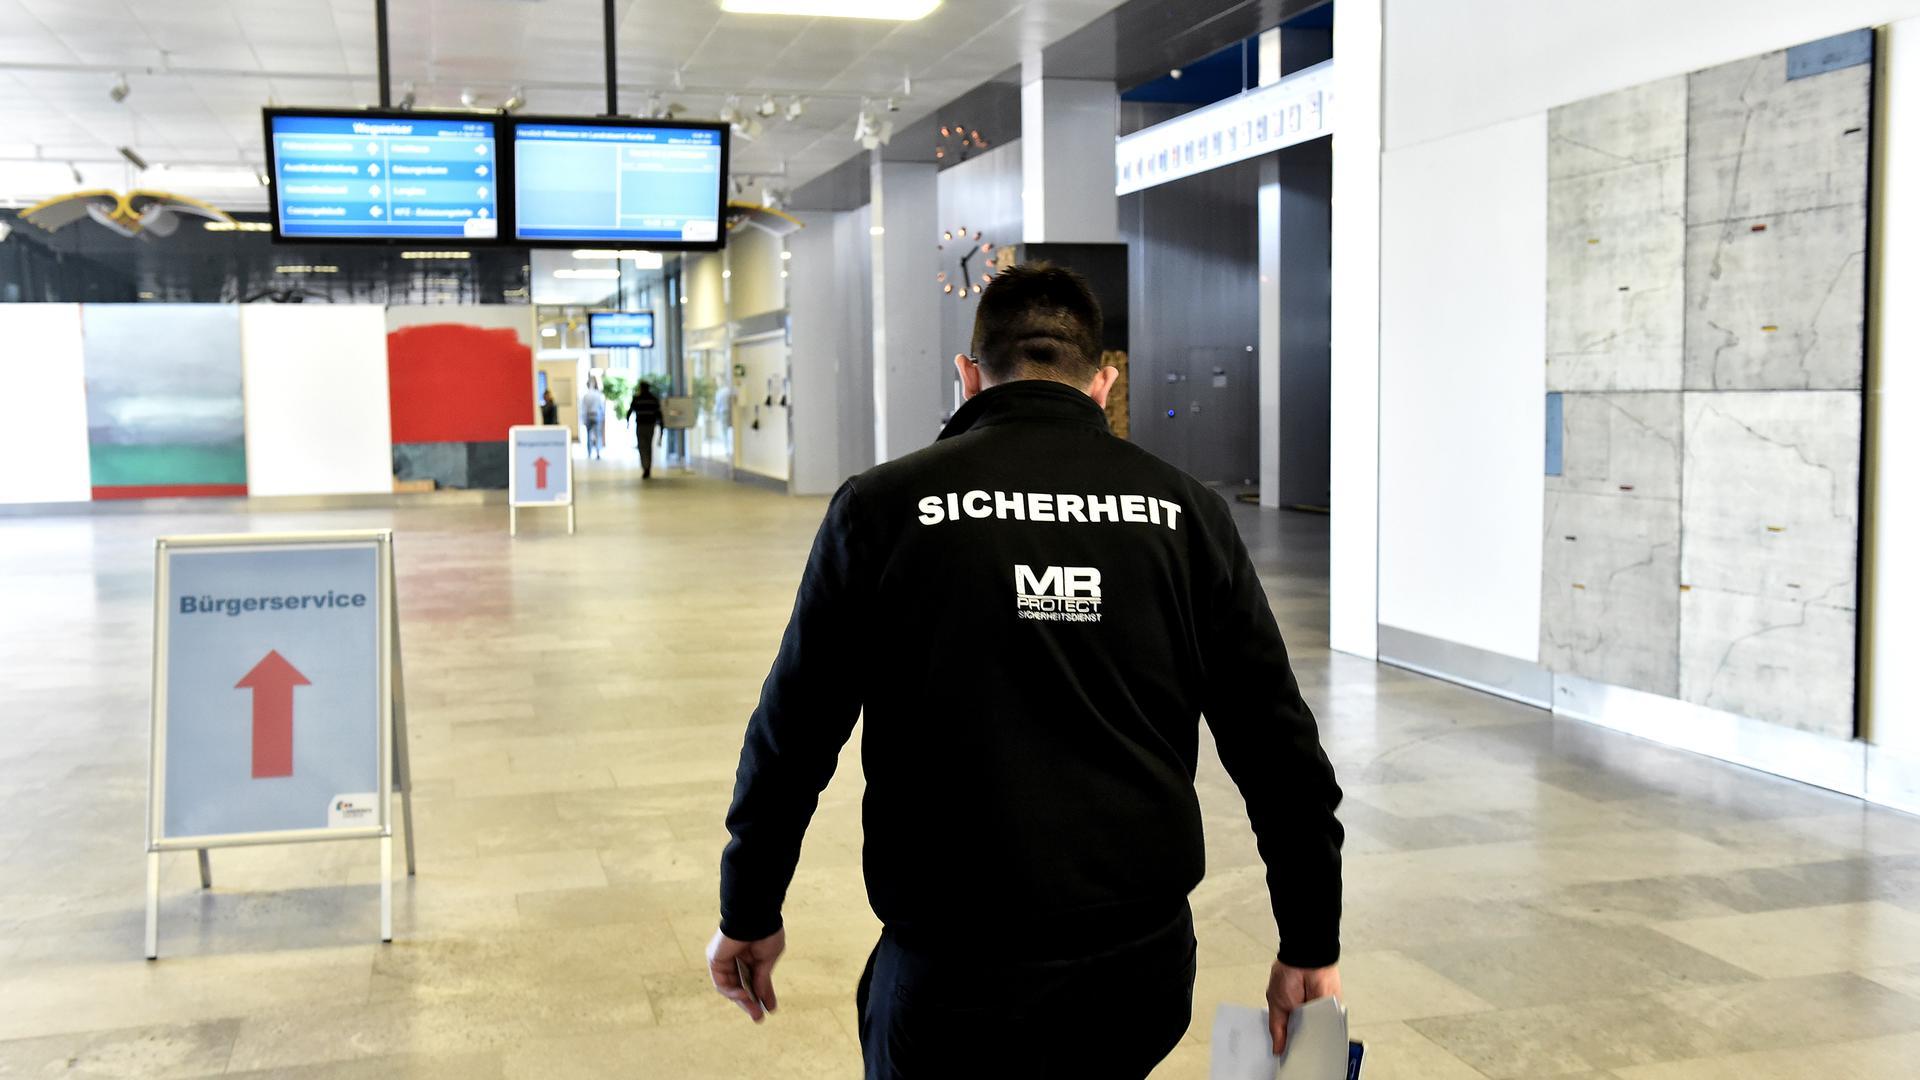 Nach Priorität und Absprache: Im Landratsamt Karlsruhe gehört der rege Besucherverkehr in der Corona-Krise vorerst der Vergangenheit an. Sicherheitspersonal kontrolliert, wer ein und ausgehen darf, damit die Behörde weiterarbeiten kann.